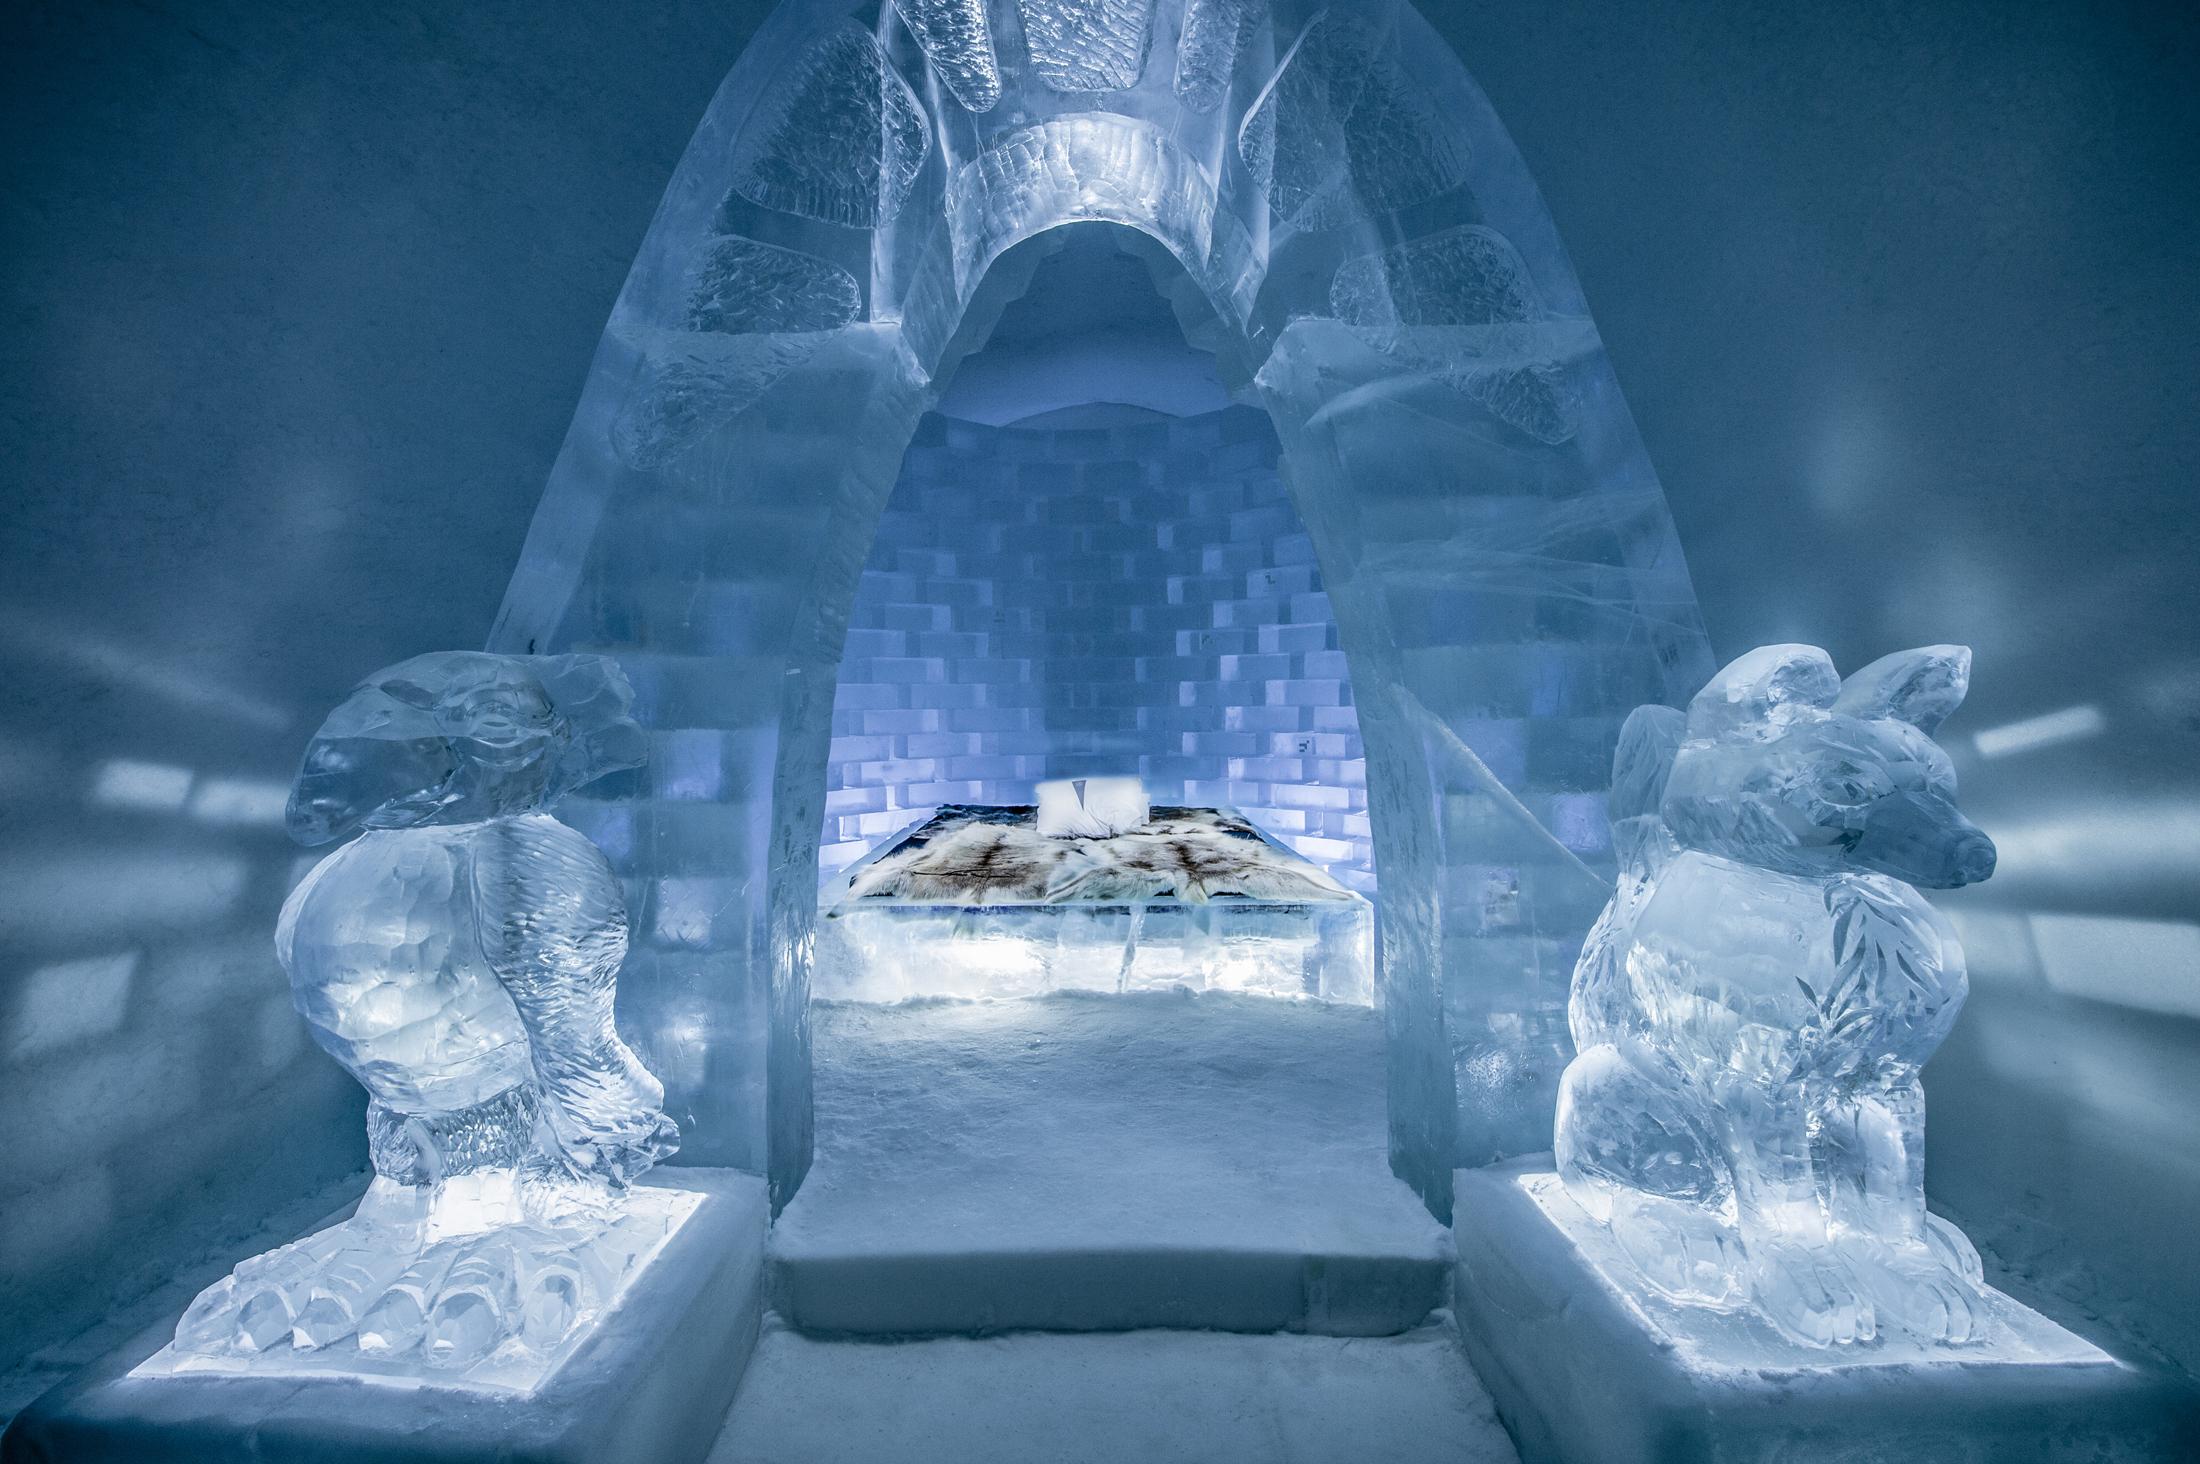 najzanimljiviji hoteli sveta, hotel od leda, najzanimljiviji hoteli sveta hotel od leda